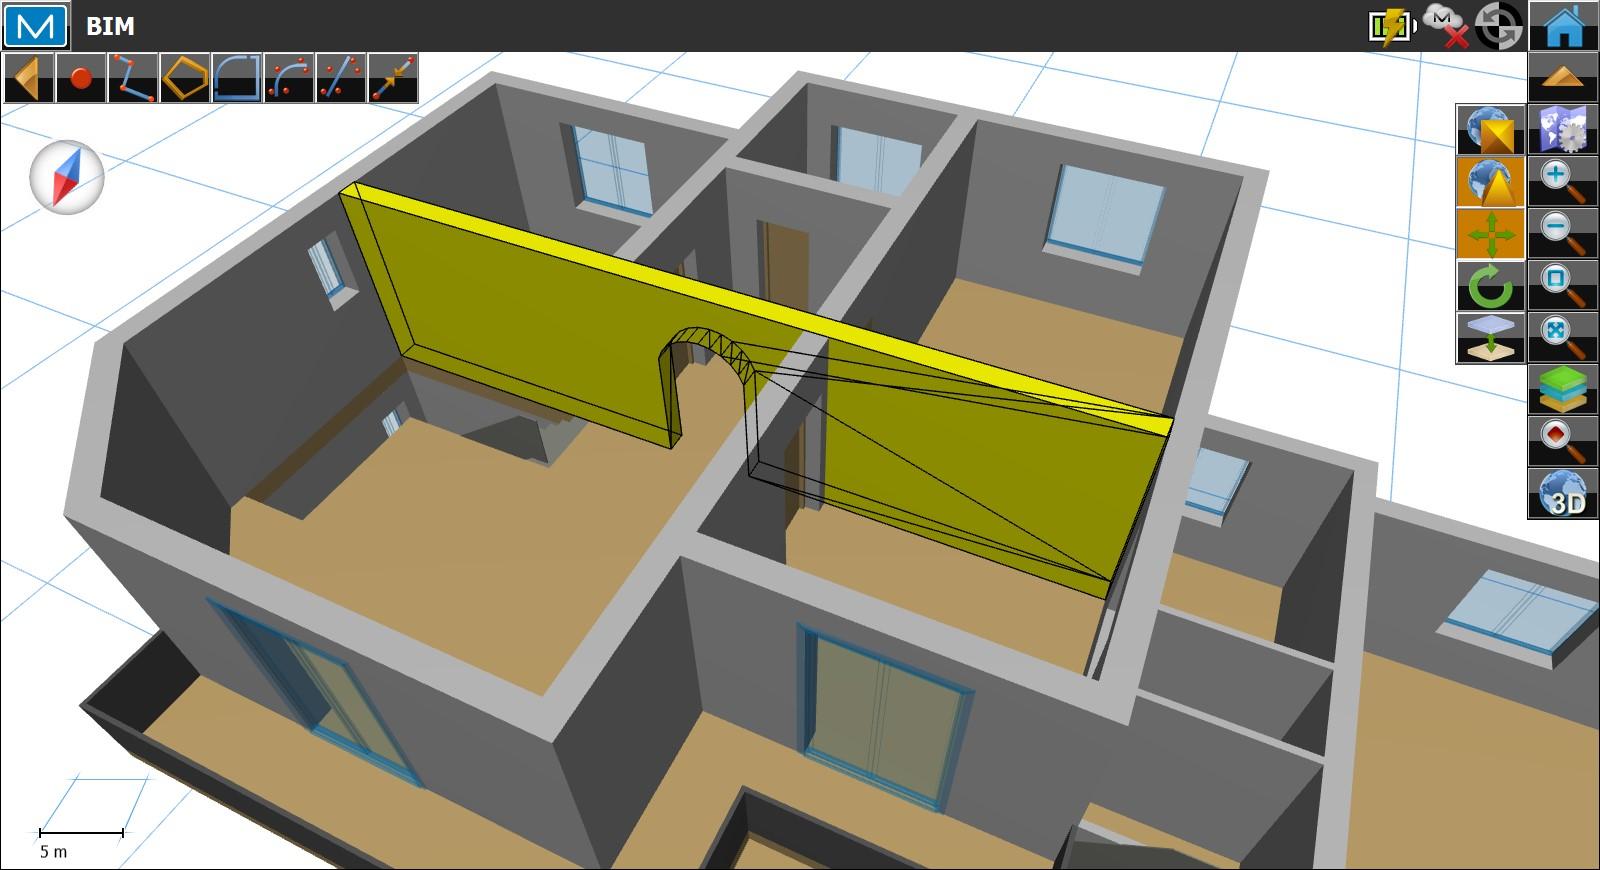 Software Magnet Field - V zobrazení Mapa, může uživatel zvětšovat, rotovat a měnit pohledy na model pro nejlepší zobrazení vybraných prvků.